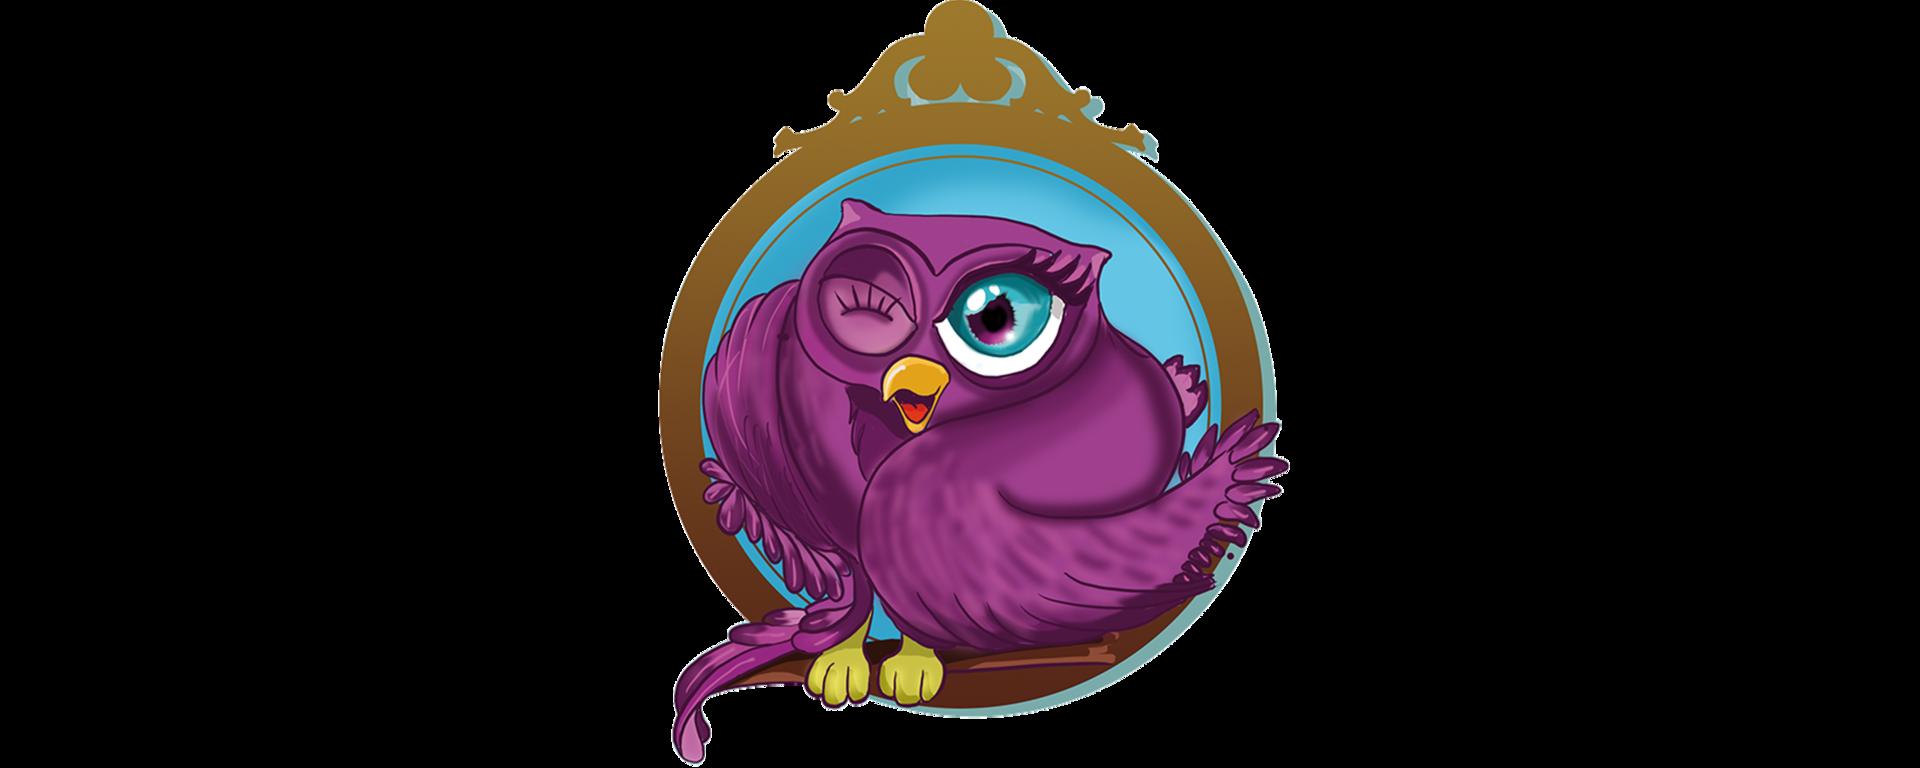 Choupette, the mascot of Les Conta !